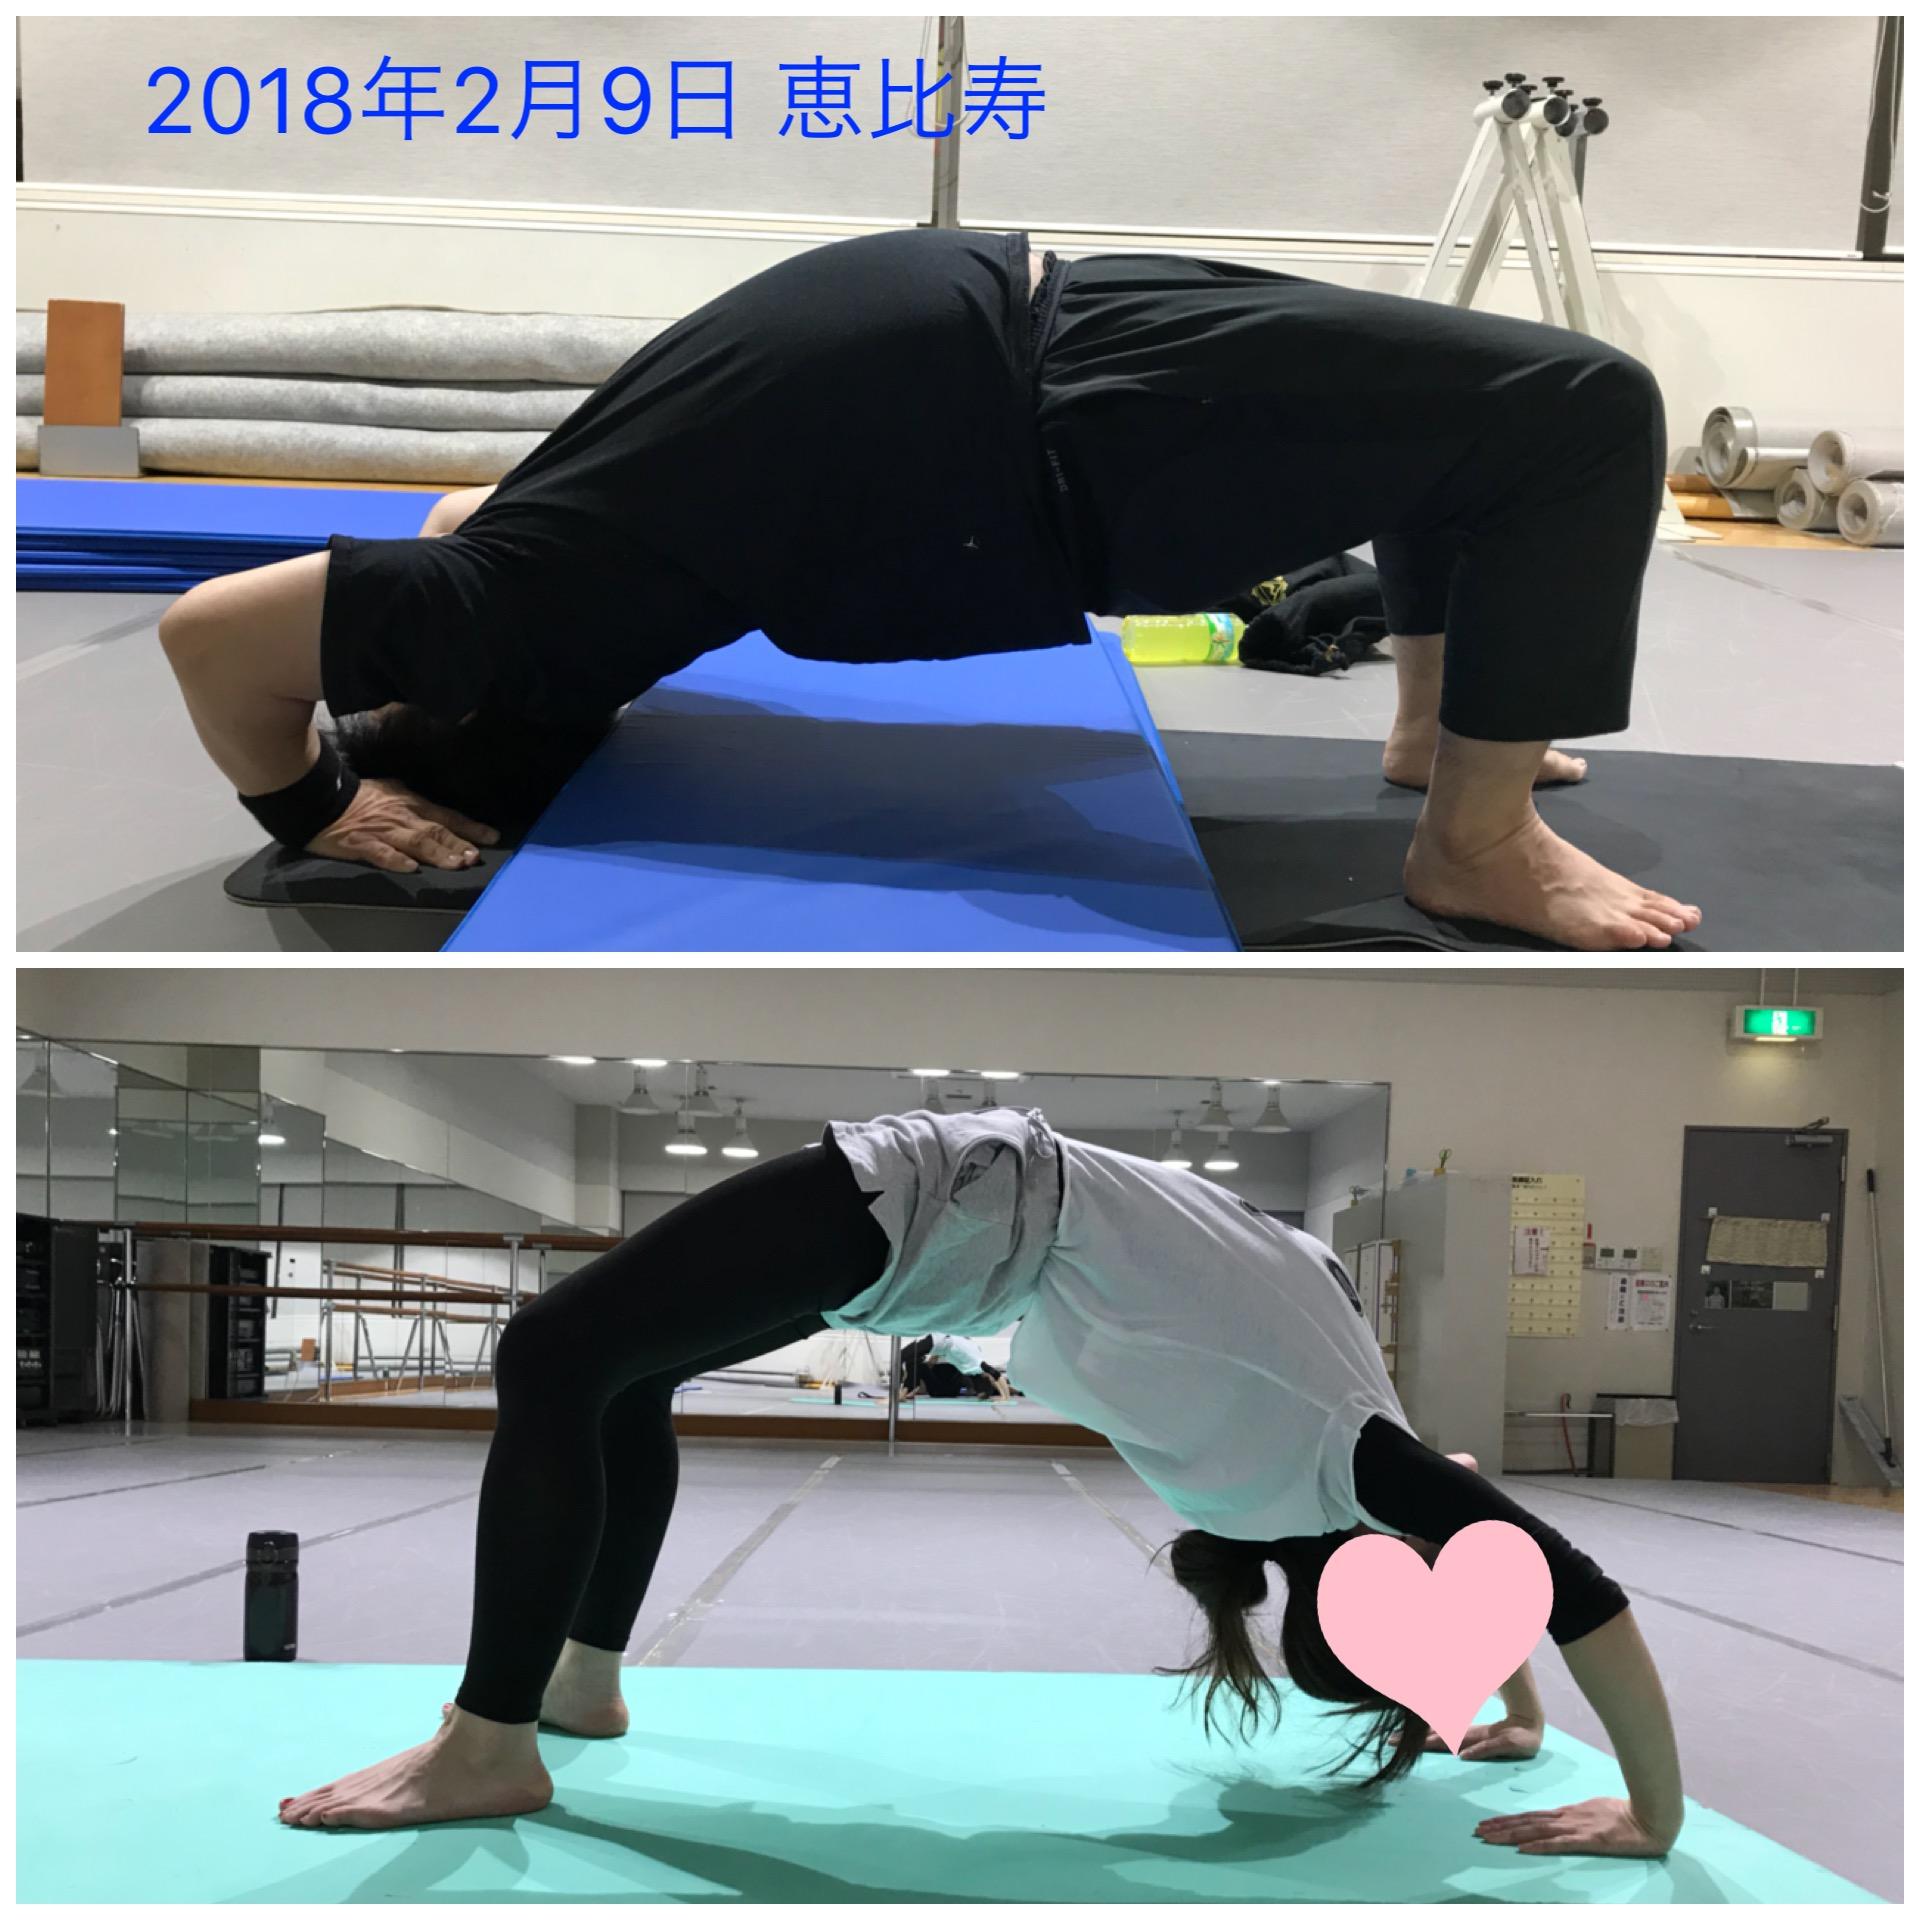 2018年2月9日 恵比寿 〜budokon 〜